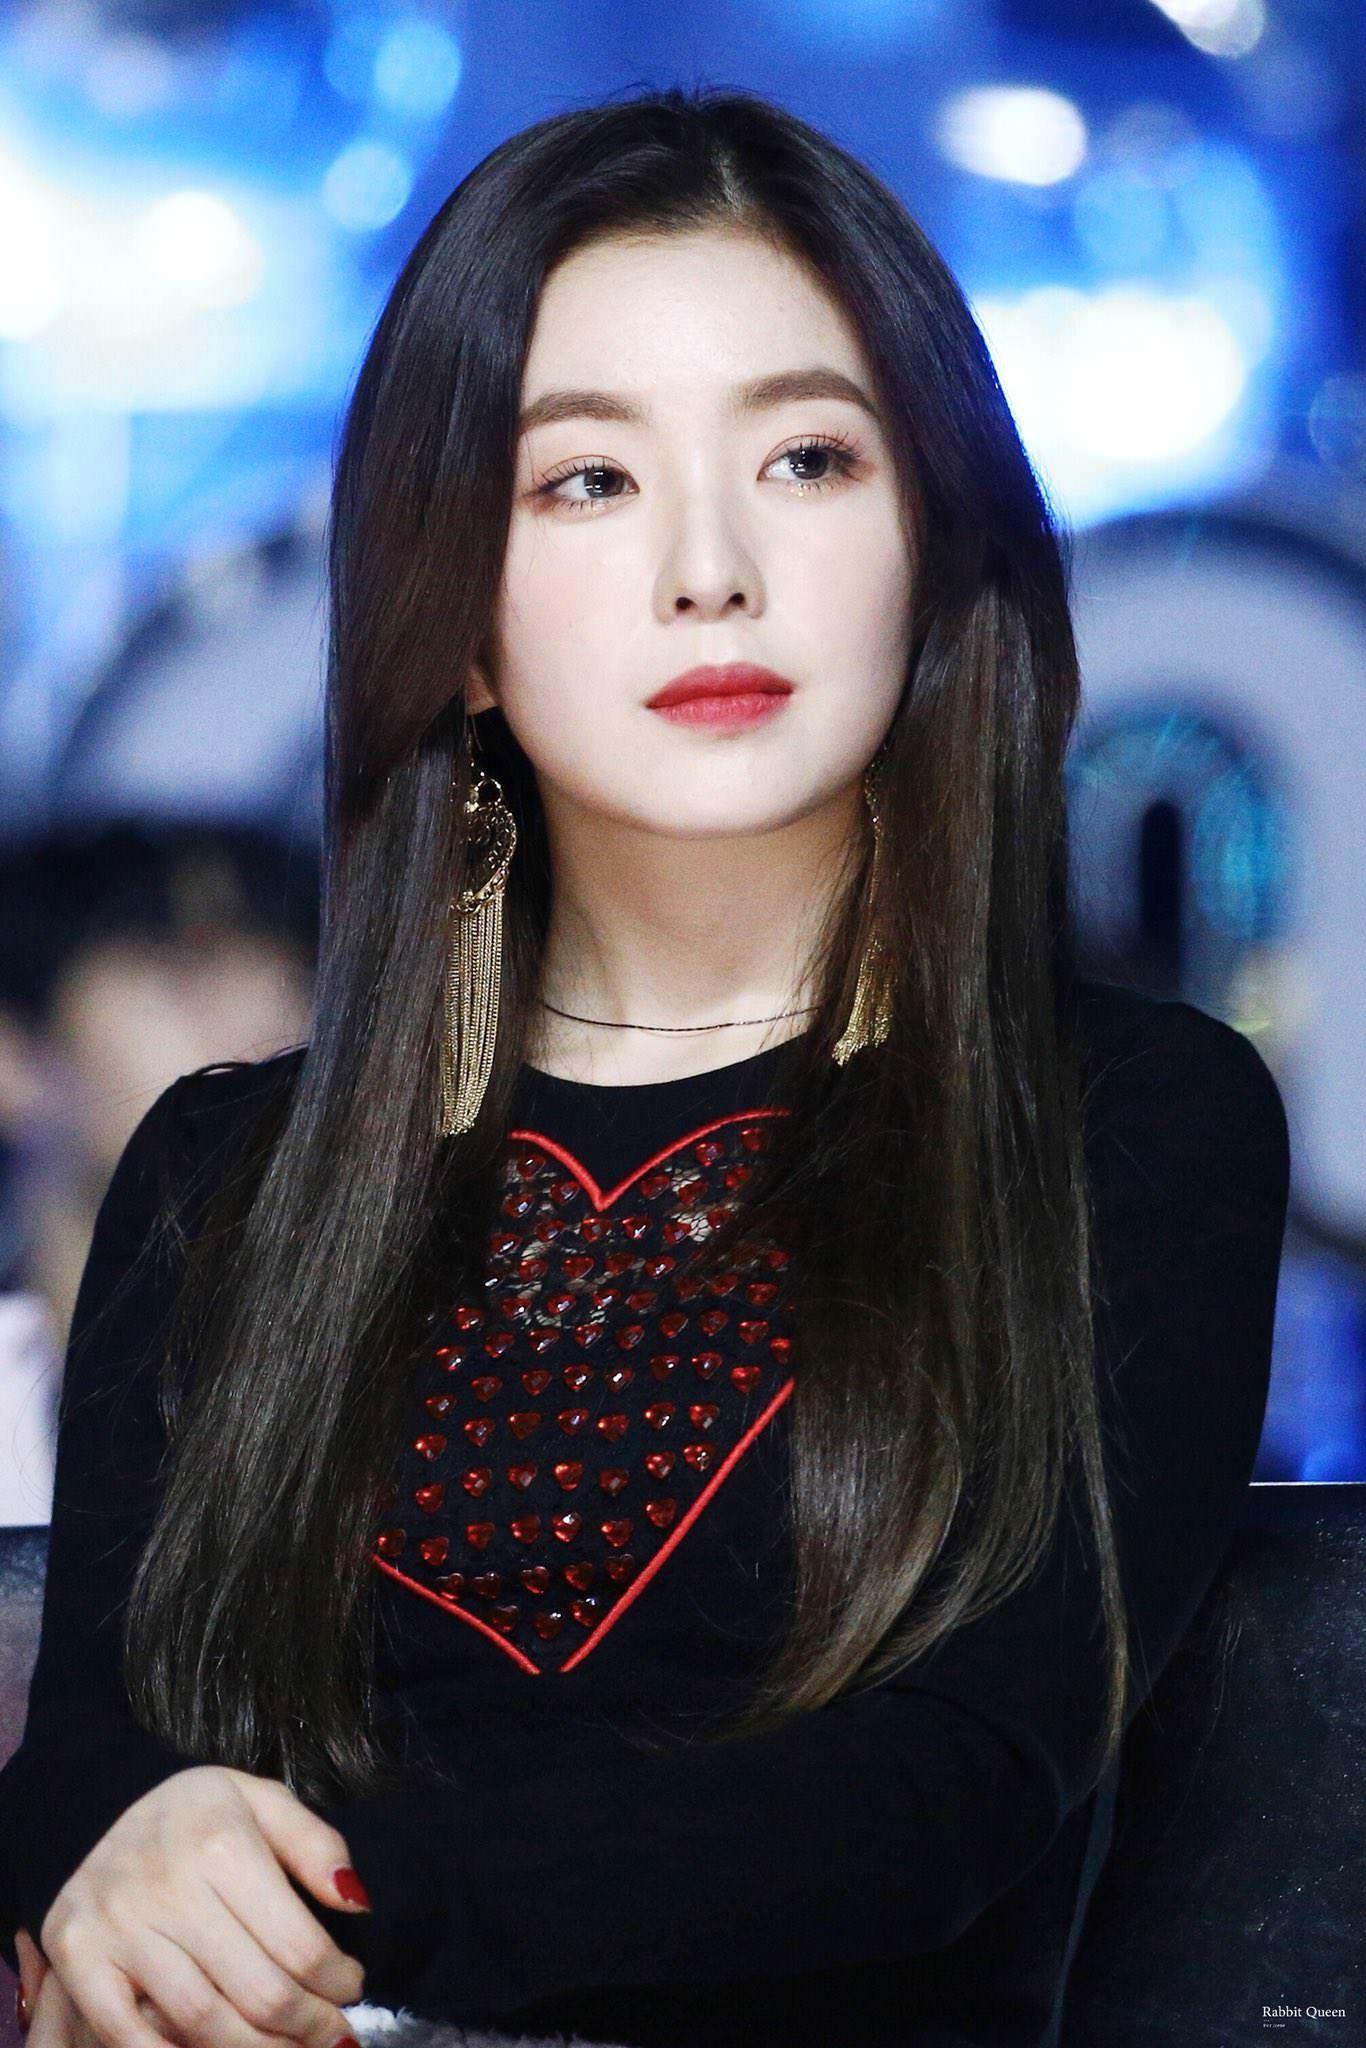 Gương mặt lạnh lùng của Irene